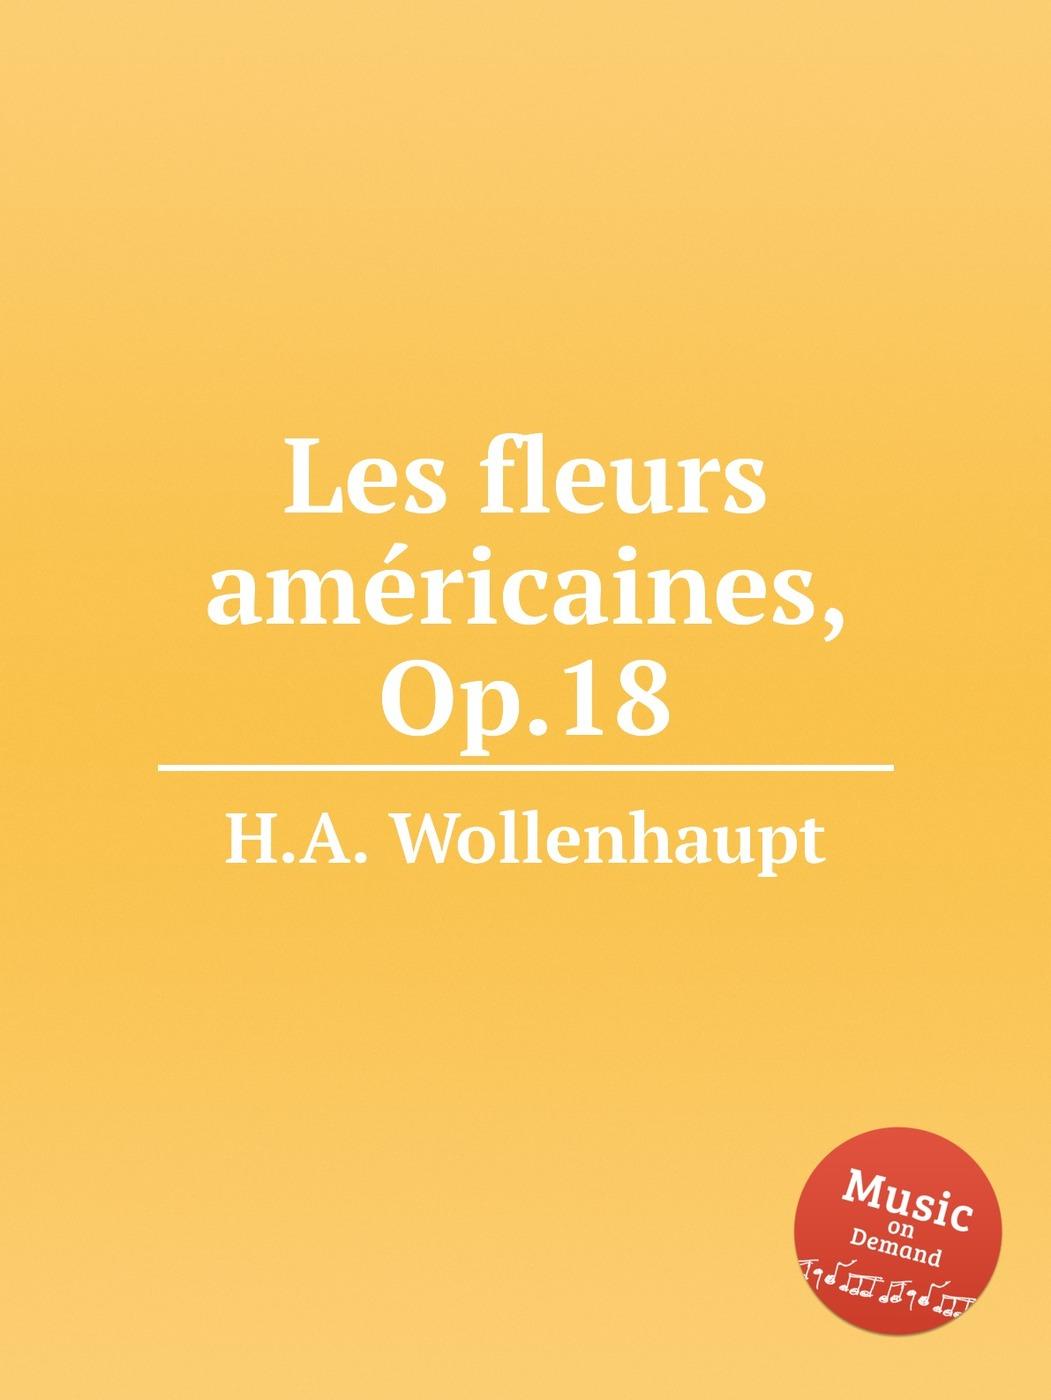 Les fleurs americaines, Op.18